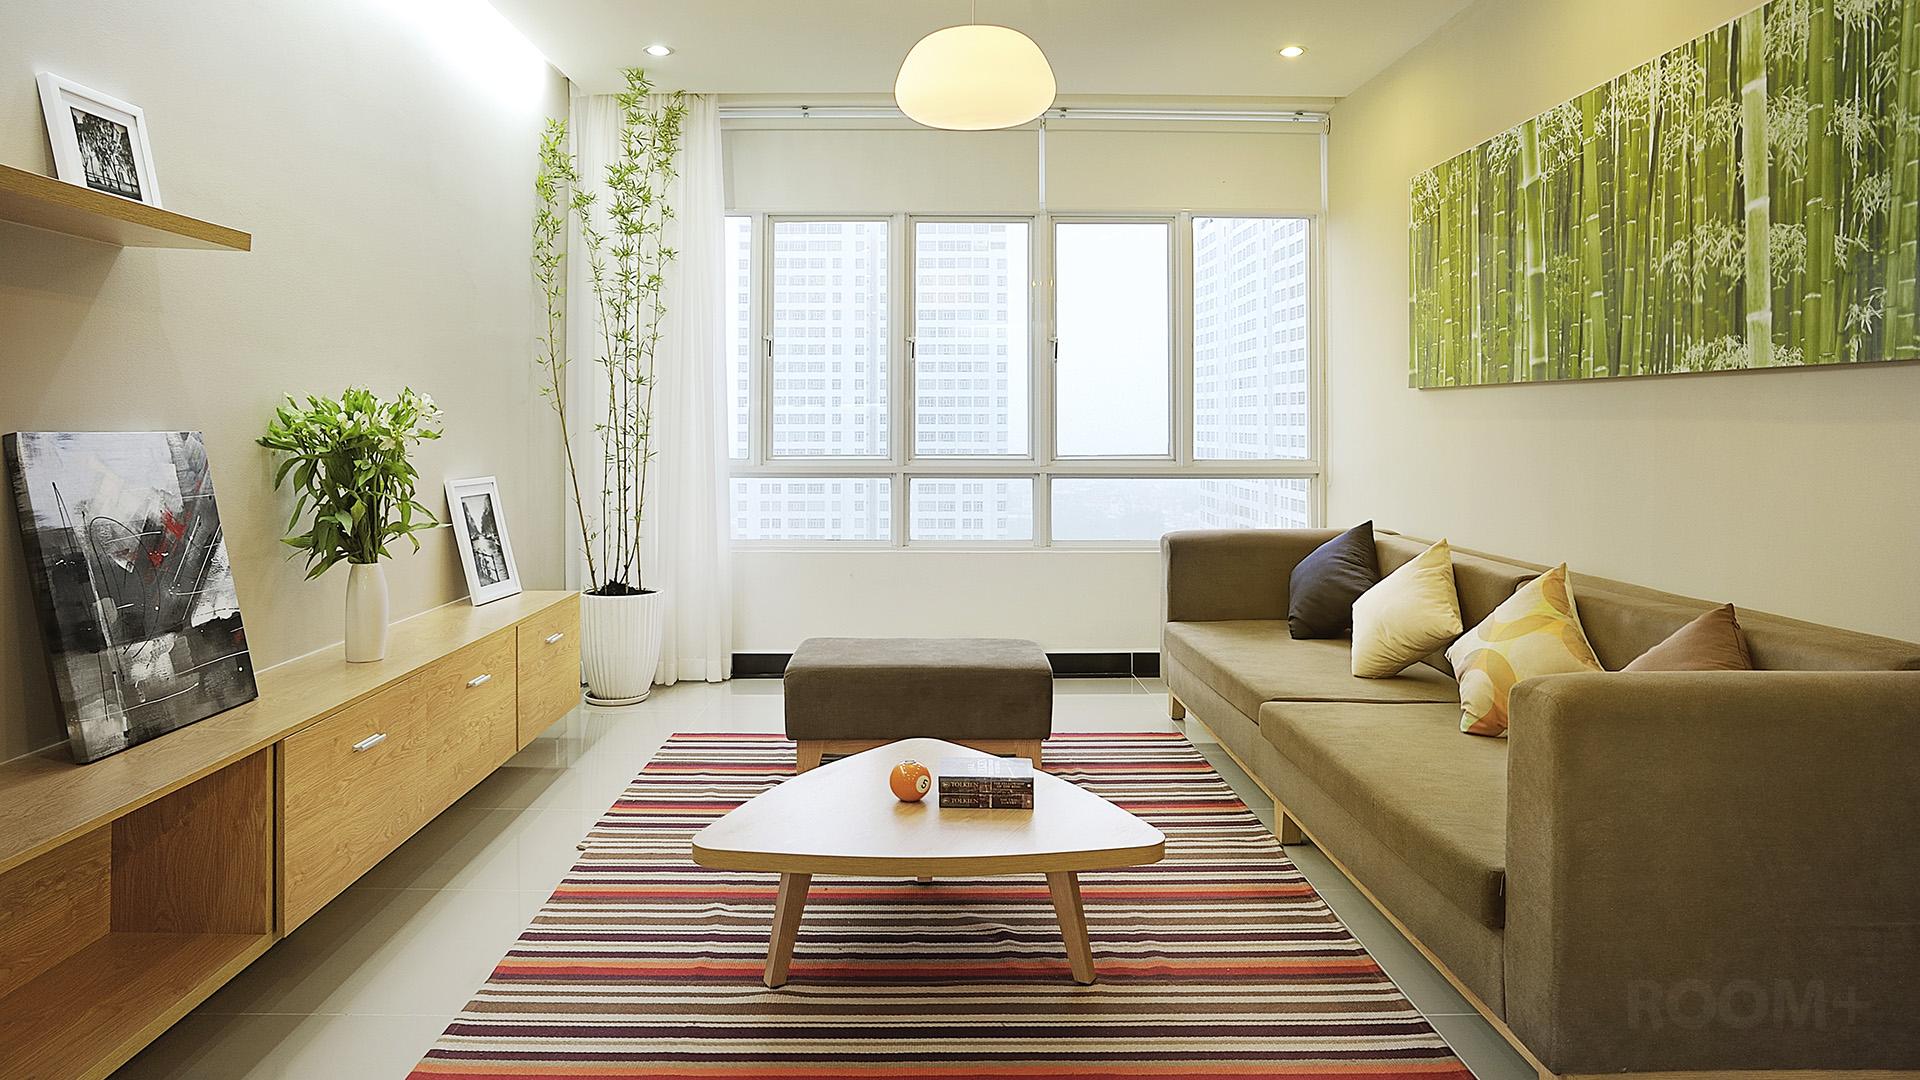 200 triệu đồng hoàn thiện nội thất căn hộ 100m2 - VnExpress